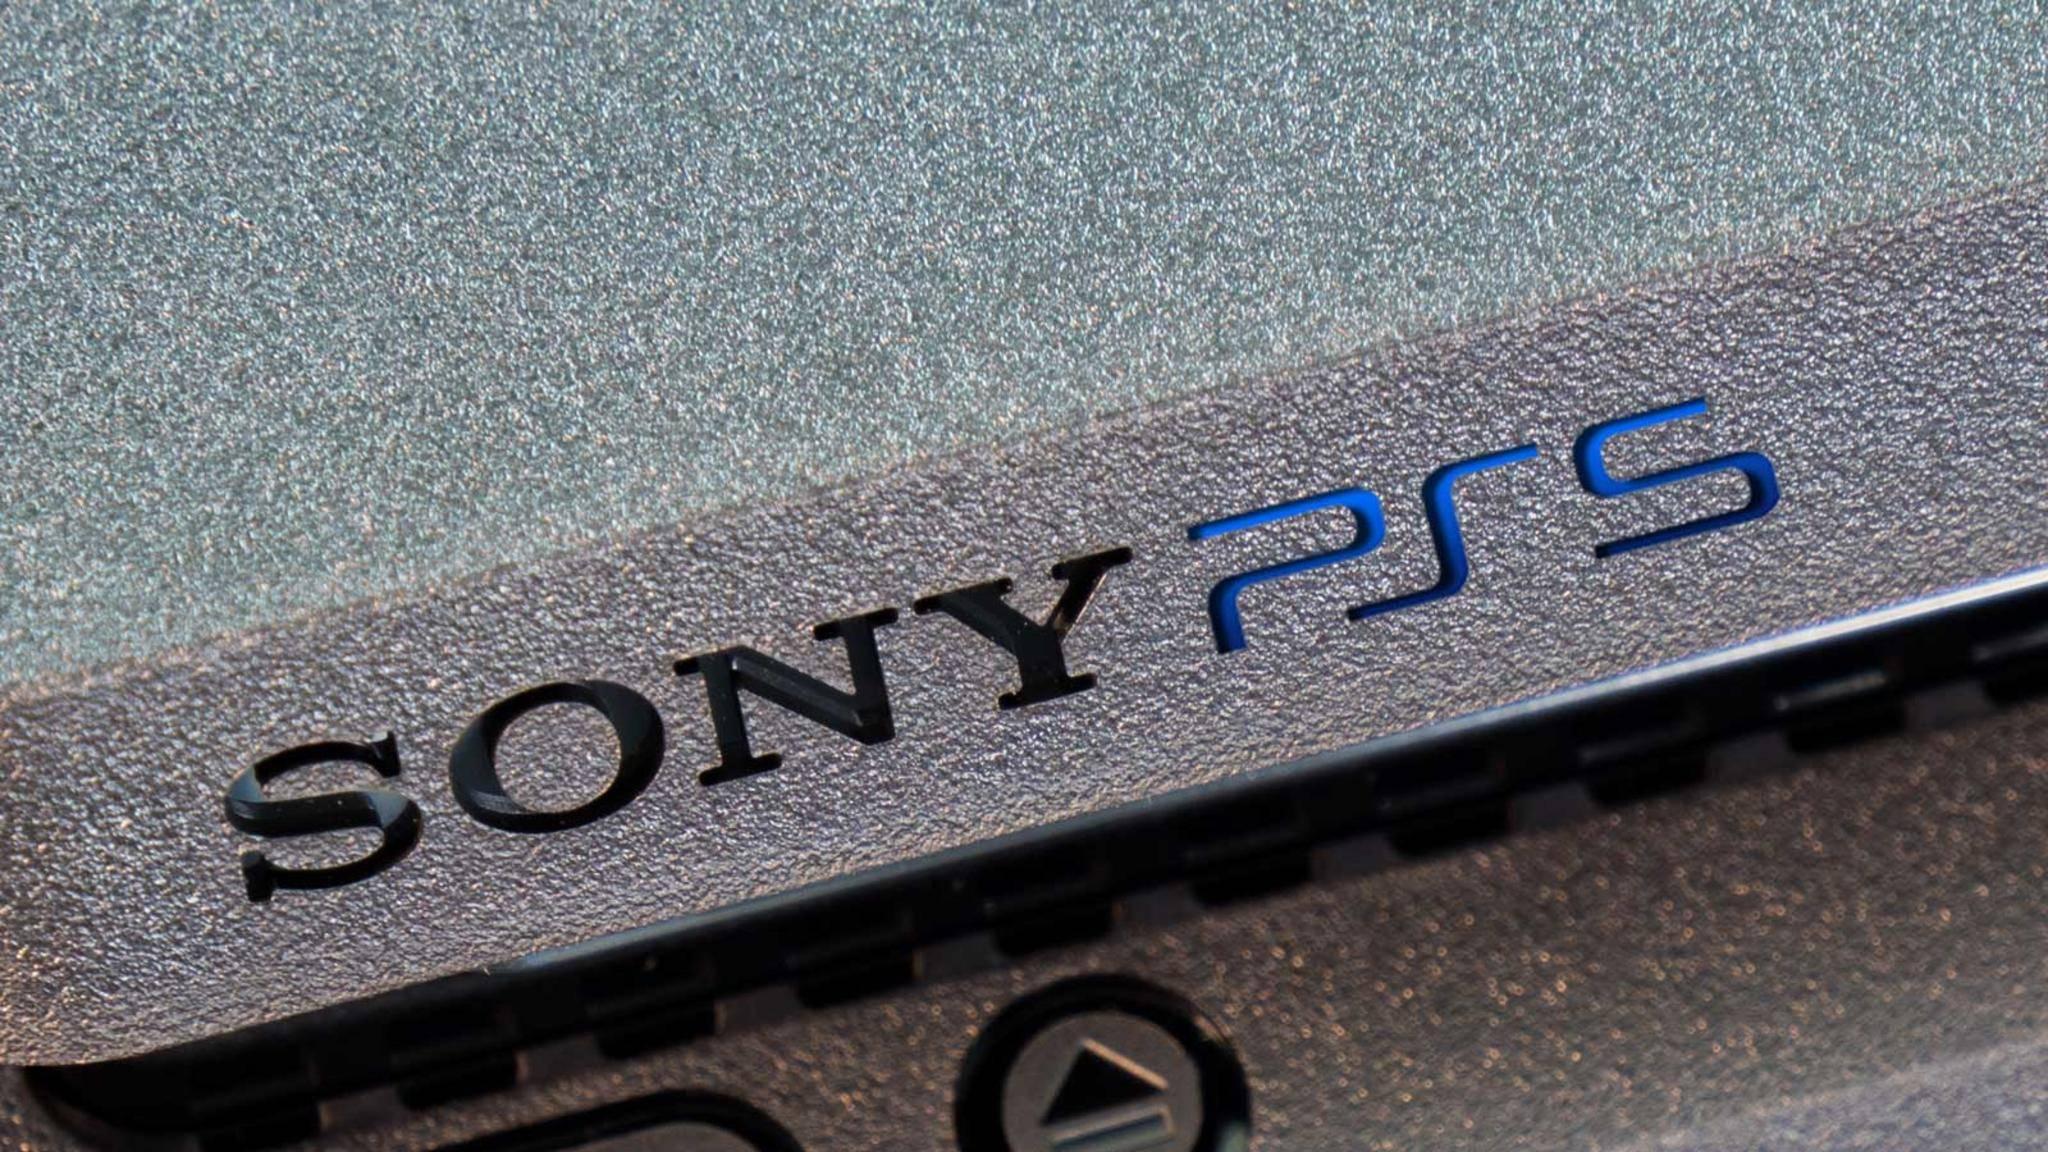 Vor allem an den ersten Exklusivspielen könnte sich der Erfolg von PS5 und der neuen Xbox entscheiden.